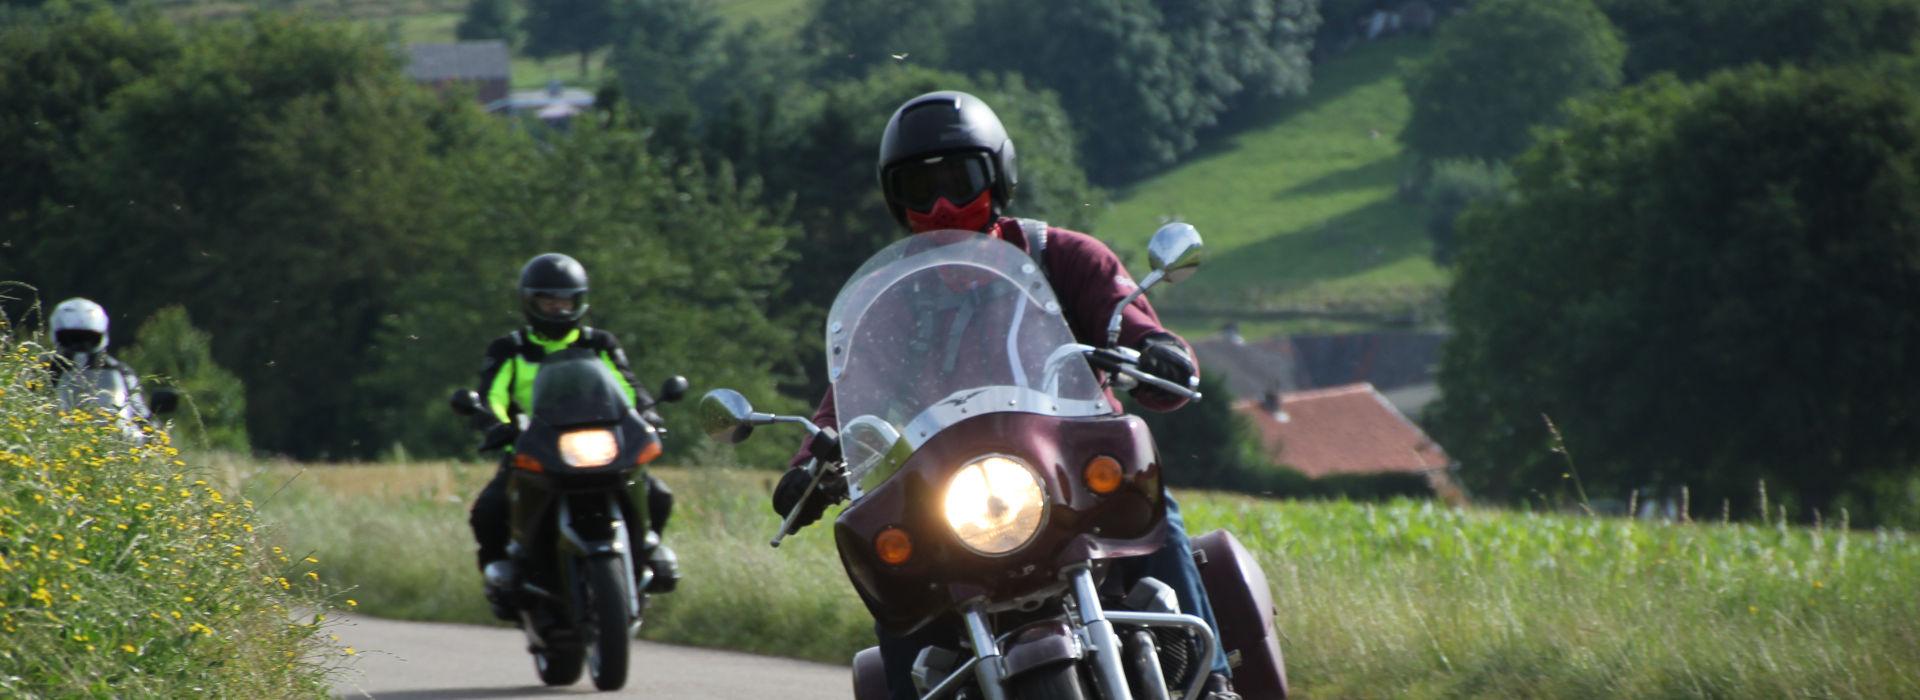 Motorrijbewijspoint Overijssel motorexamens AVB en AVD